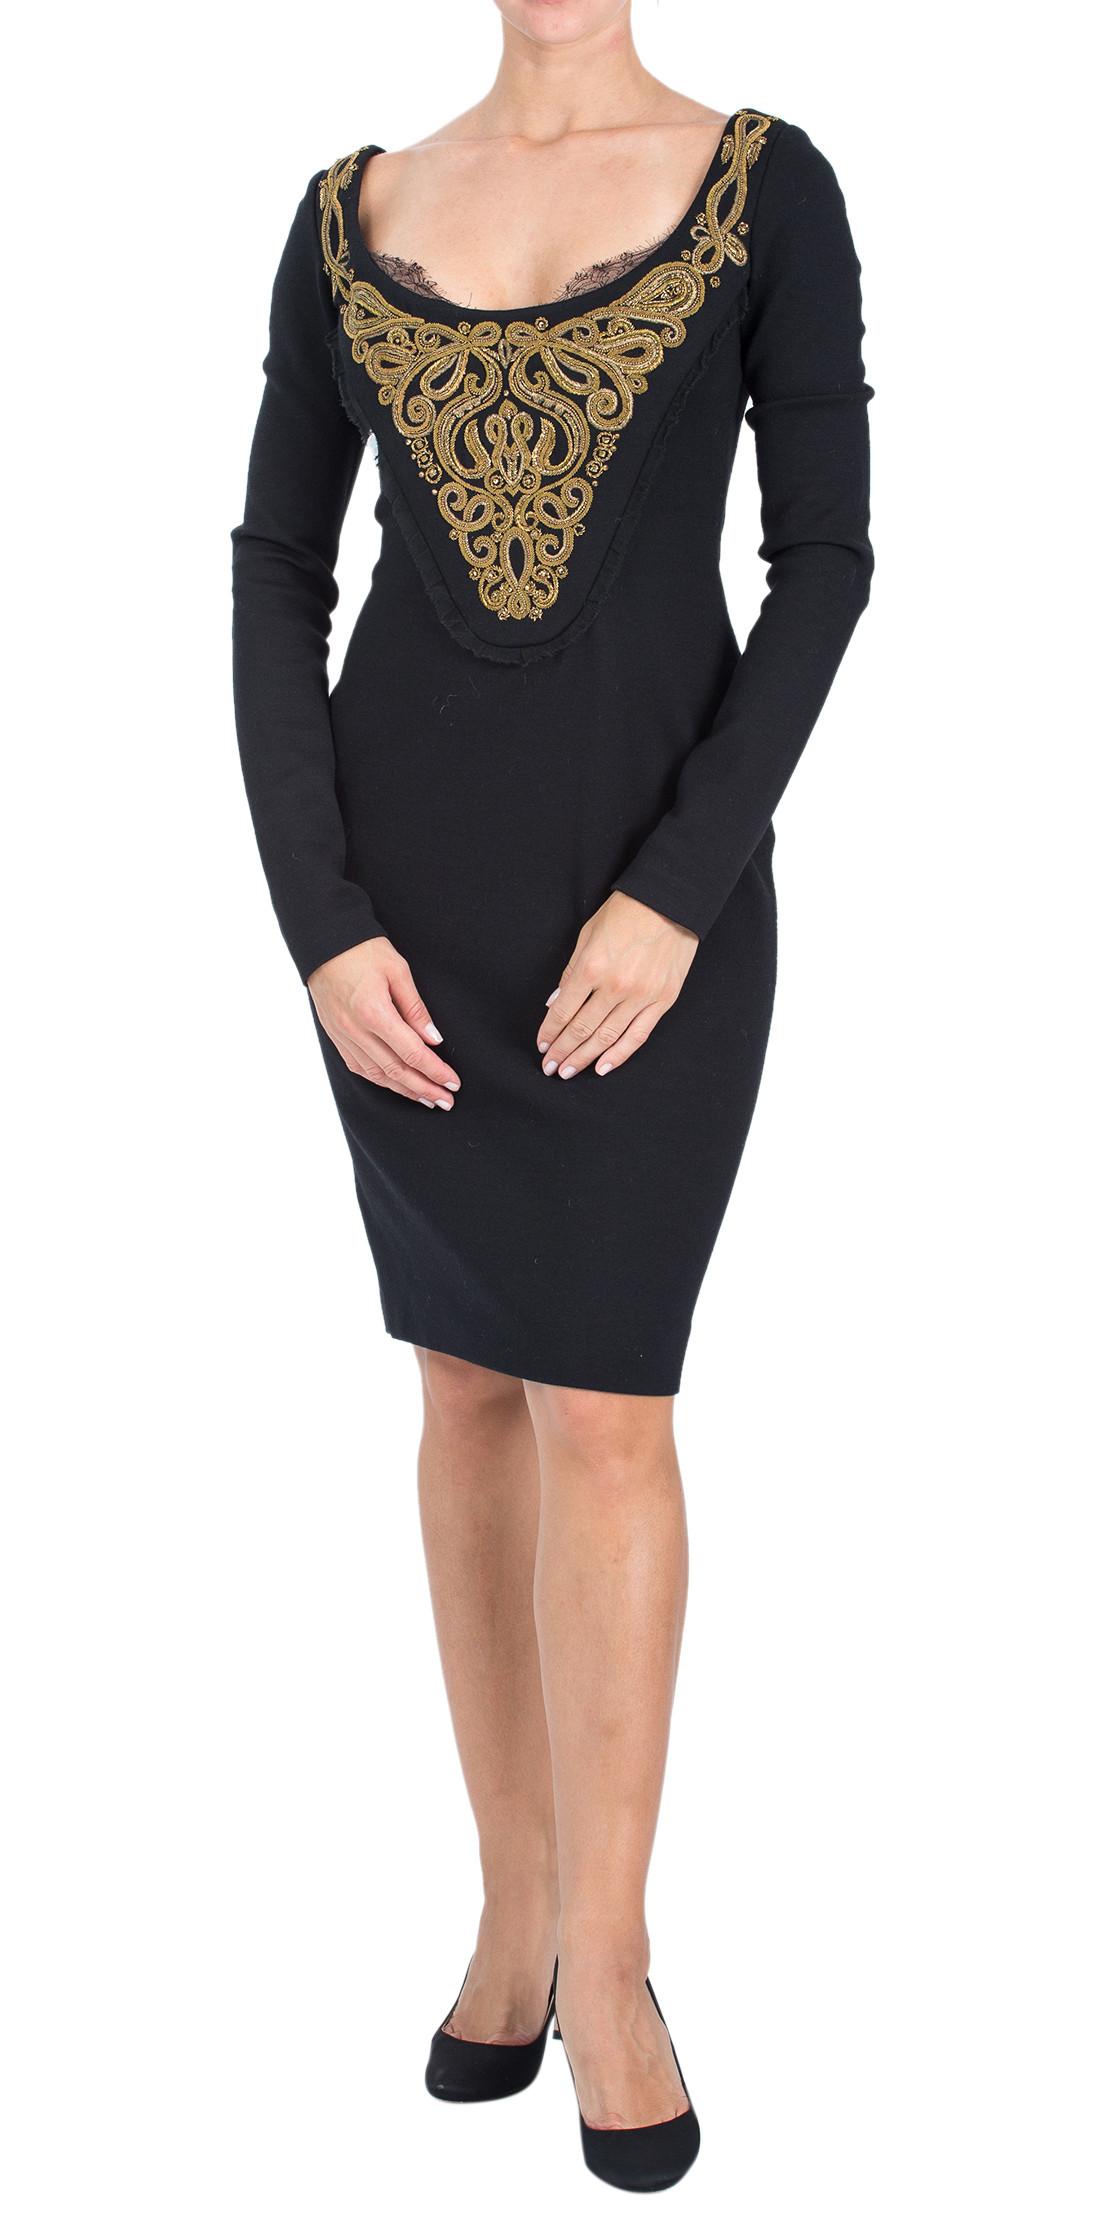 Emilio Pucci Embellished Long Sleeve Dress